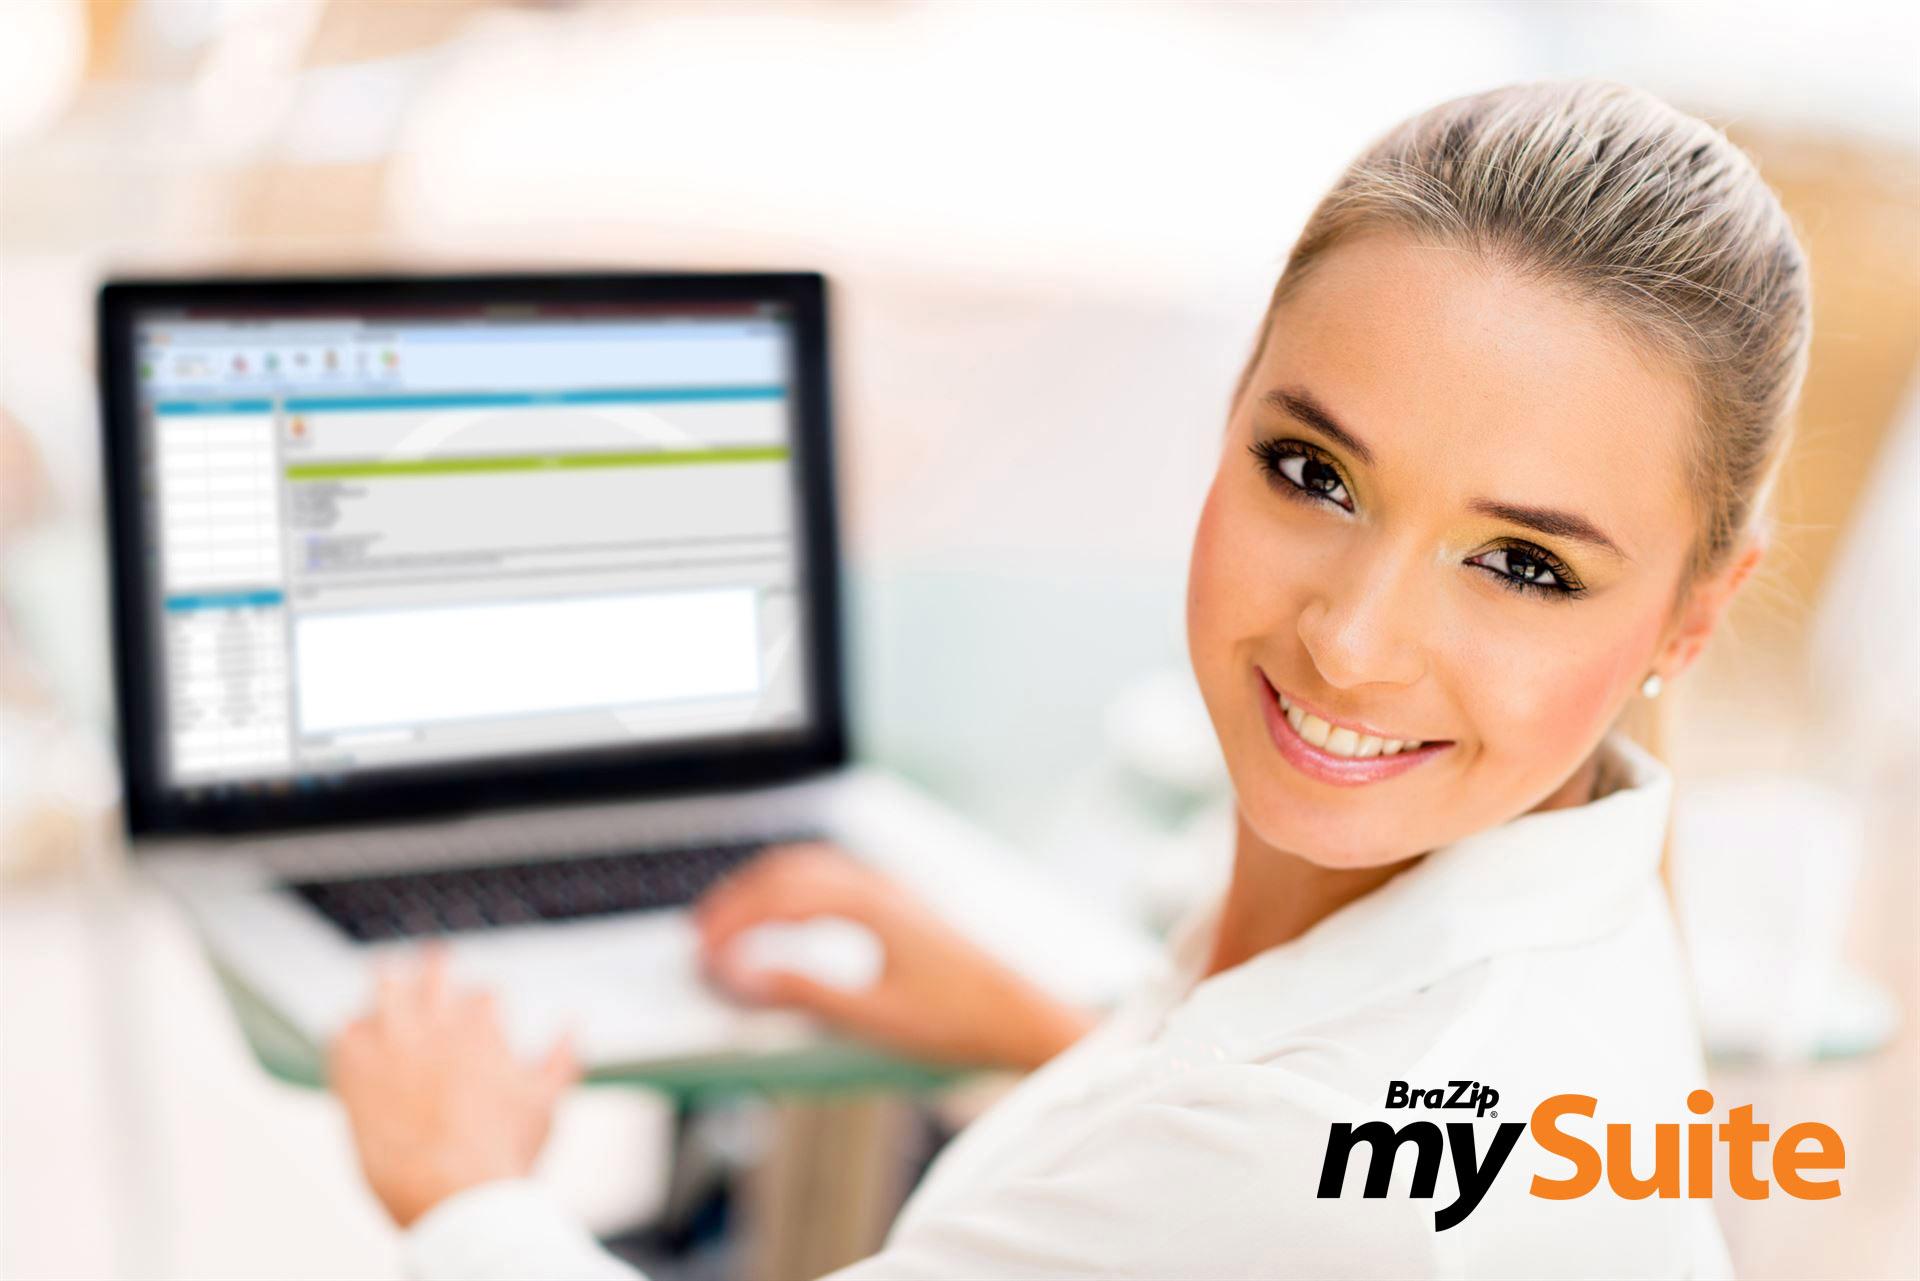 7 dicas para melhorar a qualidade do atendimento online e estreitar o relacionamento com o cliente